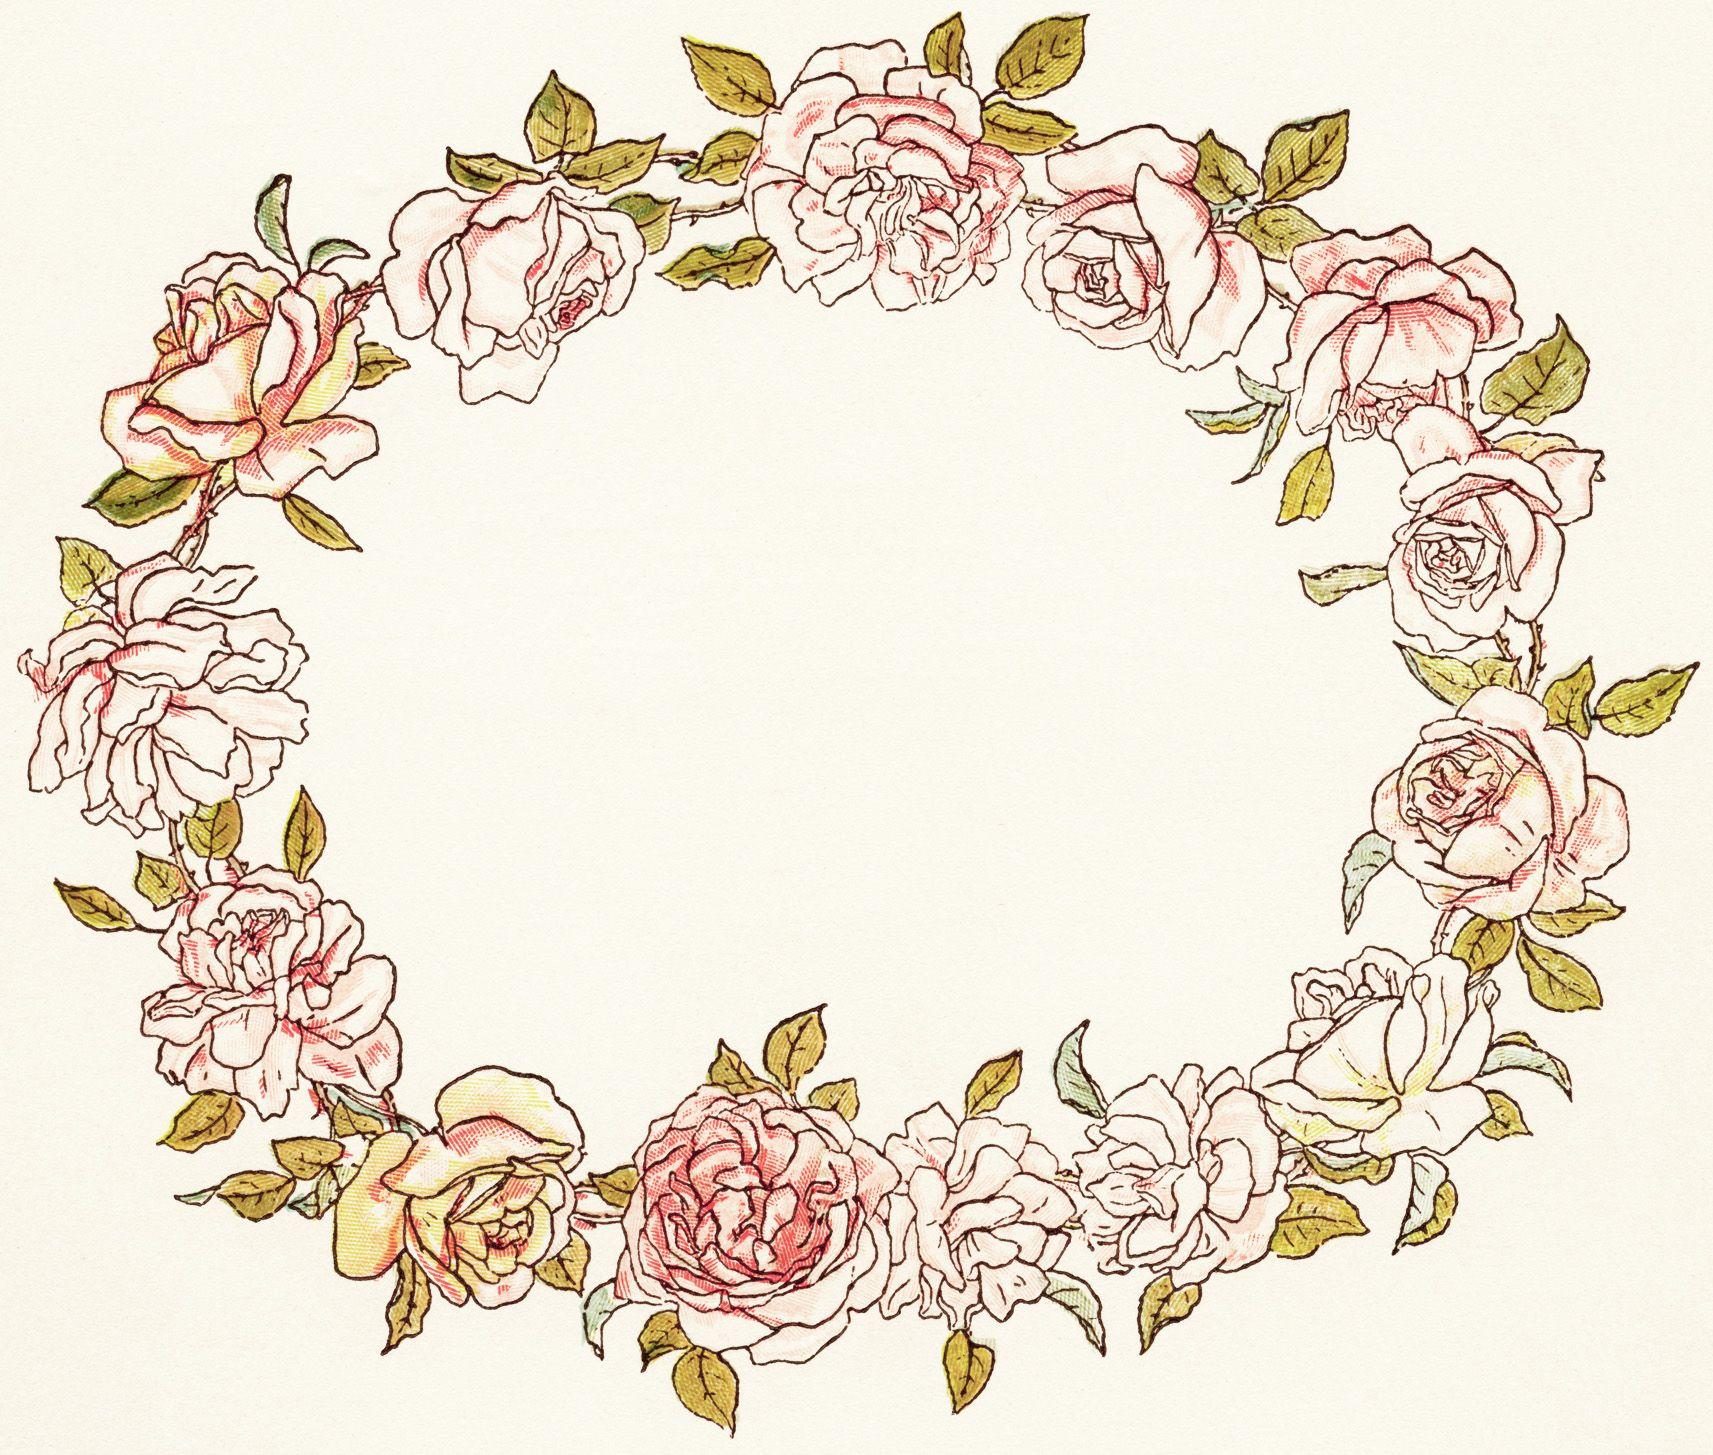 Olddesignshop Kategreenawayfloralwreath Floral Wreaths Illustration Vintage Illustration Floral